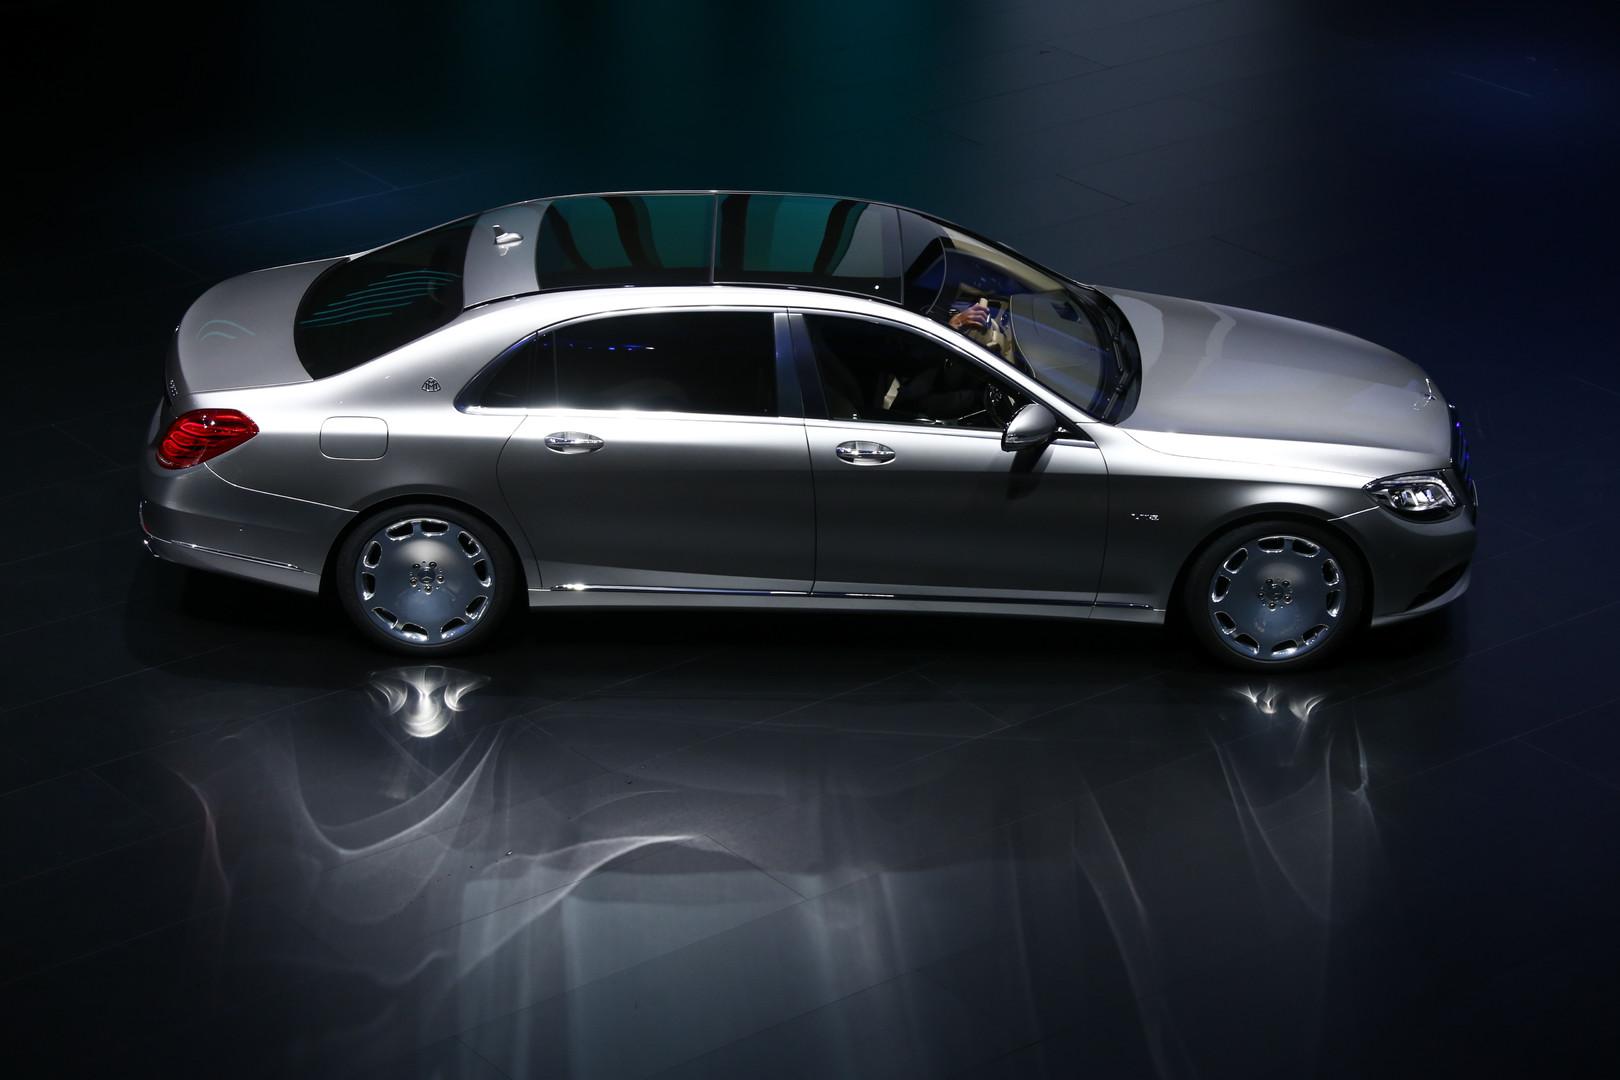 Продажи люксовых автомобилей в России увеличились на 25%